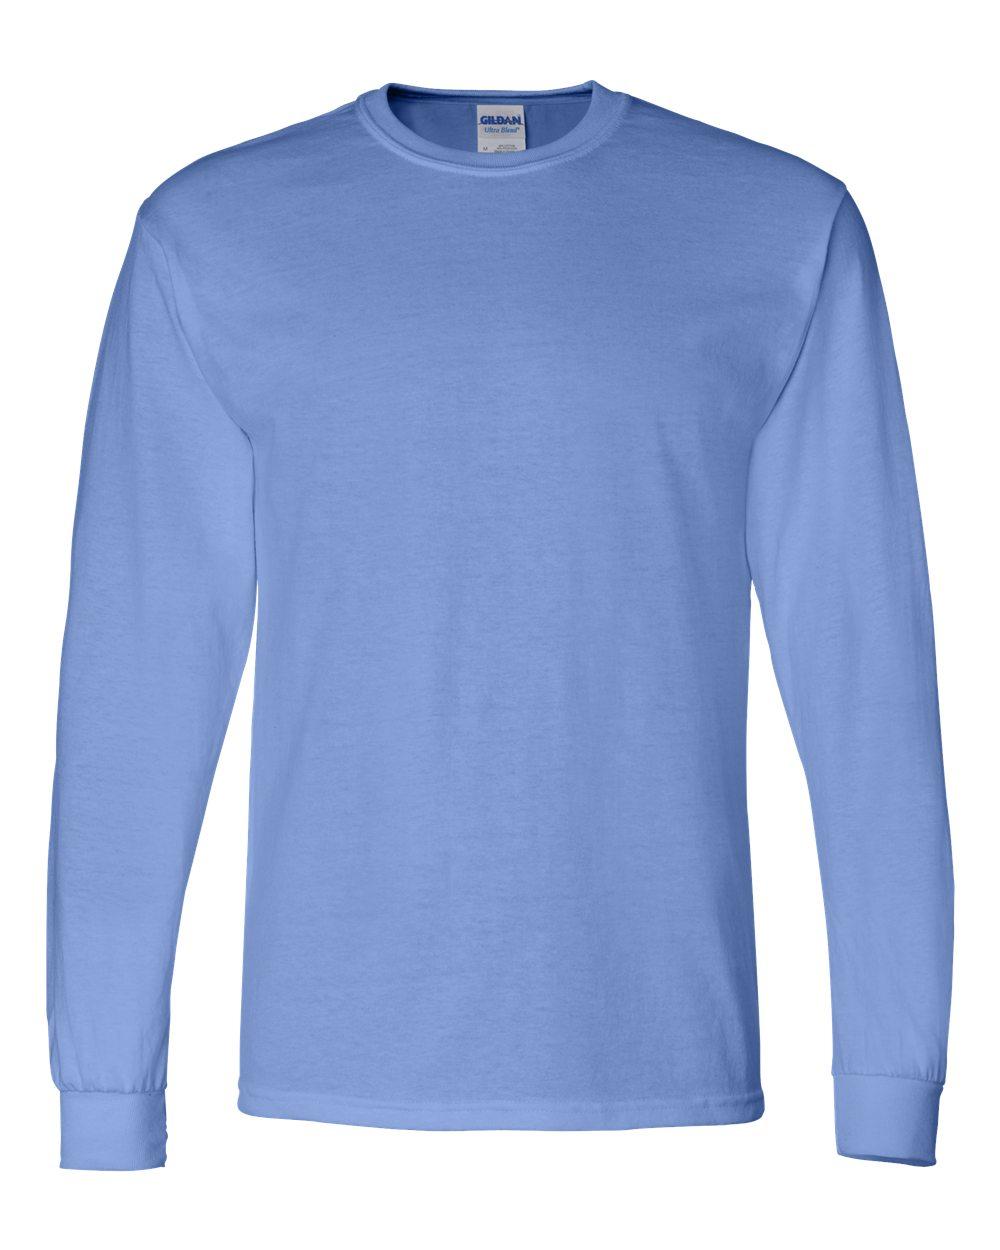 Gildan-Mens-Blank-DryBlend-50-50-Cotton-Long-Sleeve-T-Shirt-8400-up-to-3XL miniature 12